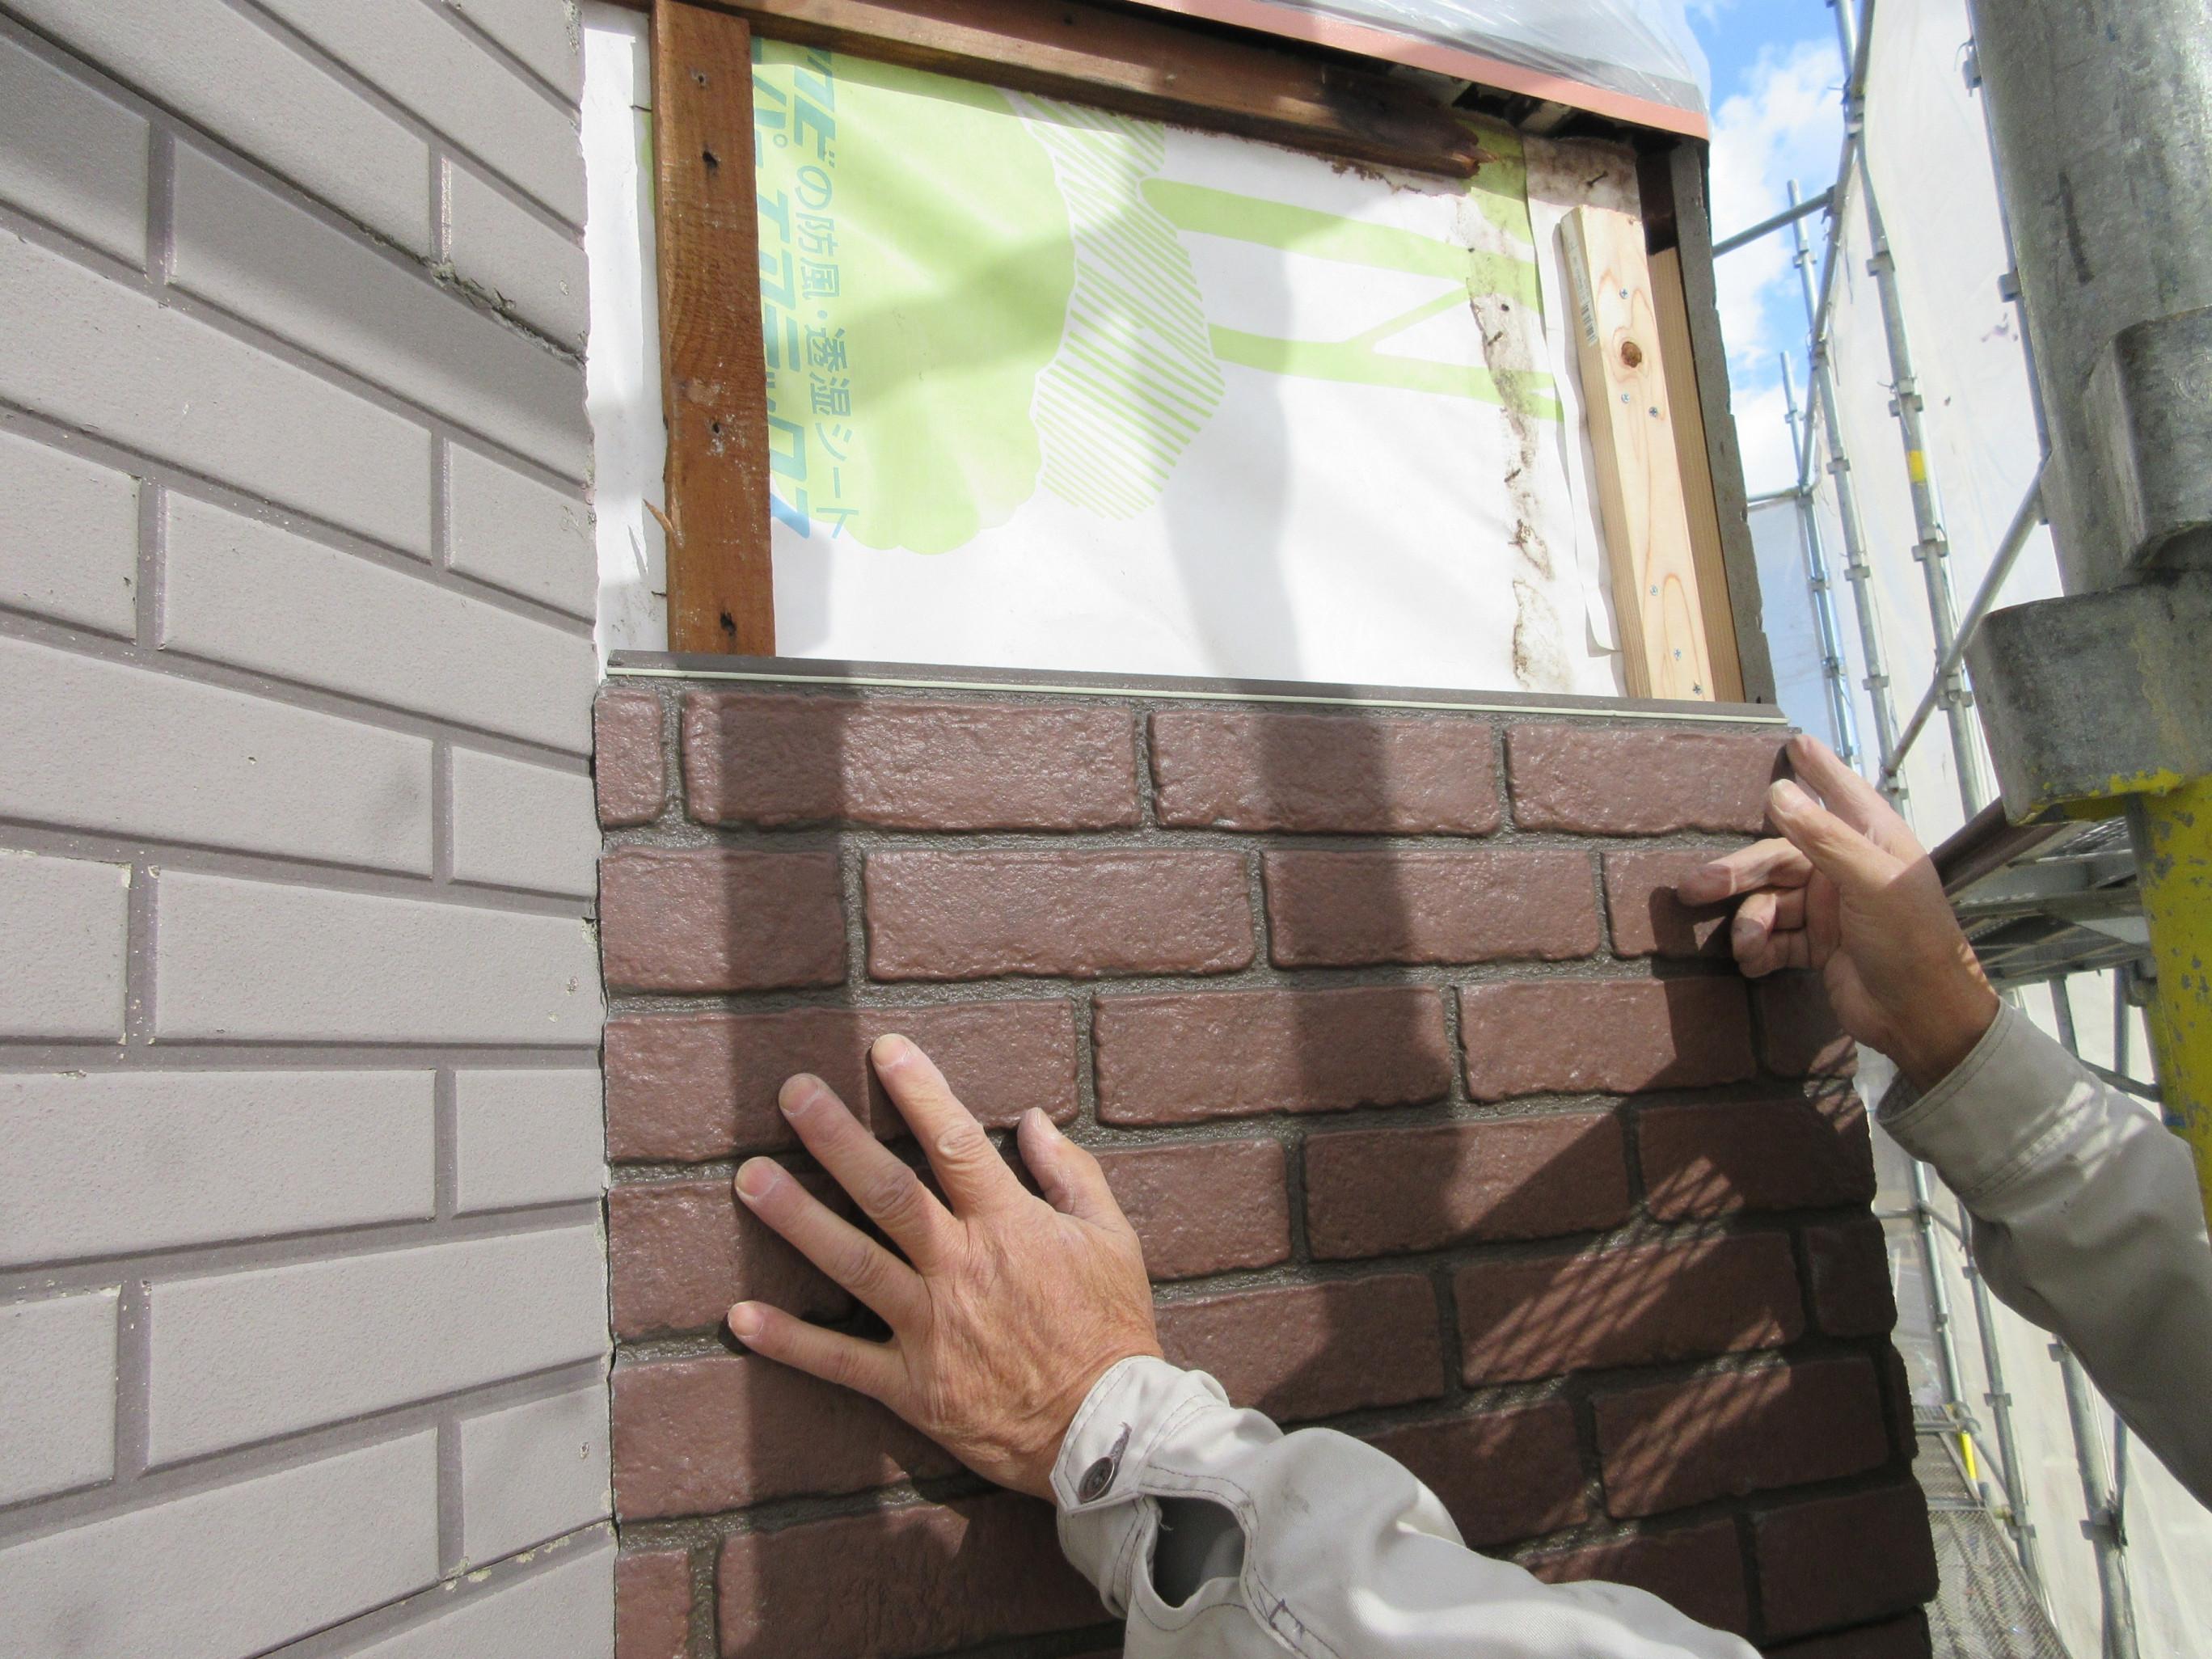 宇部市S様邸外壁フッ素塗装ベランダ張替え漆喰塗替え工事